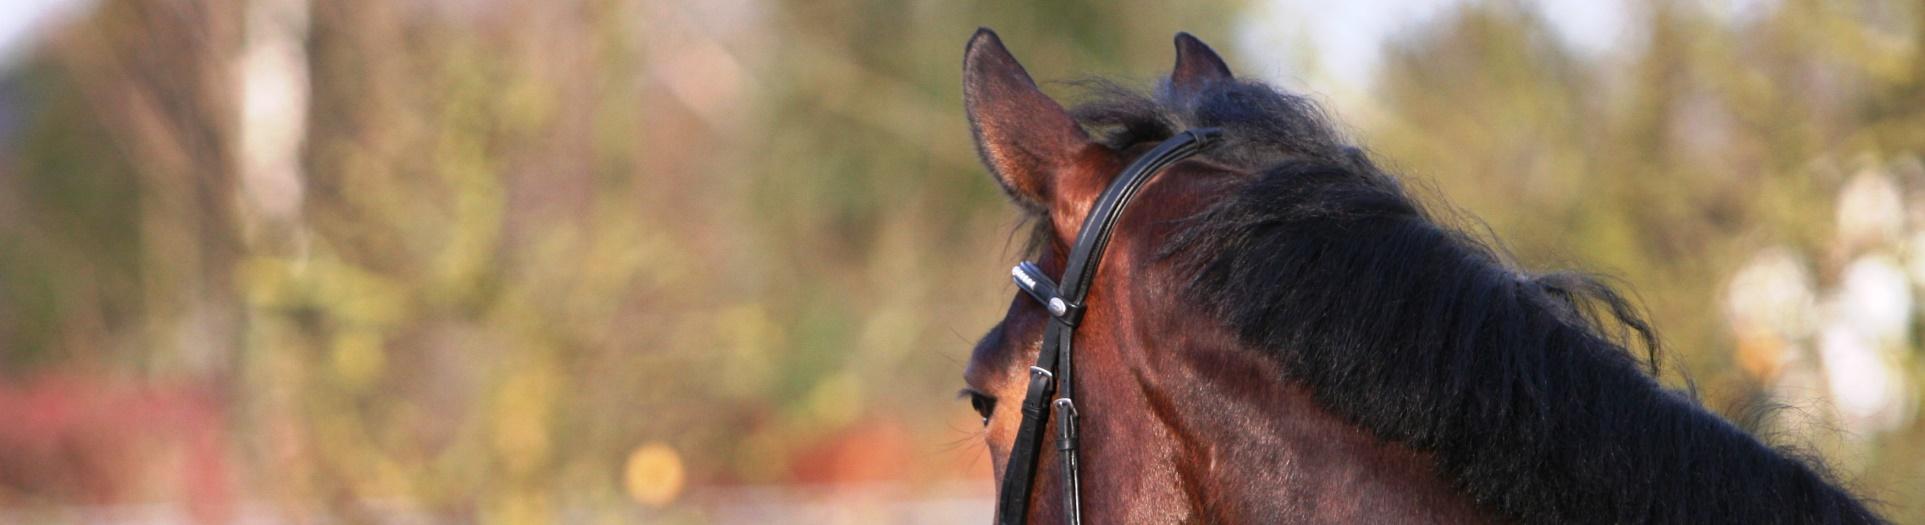 Algemene voorwaarden - Horse Power Life Power